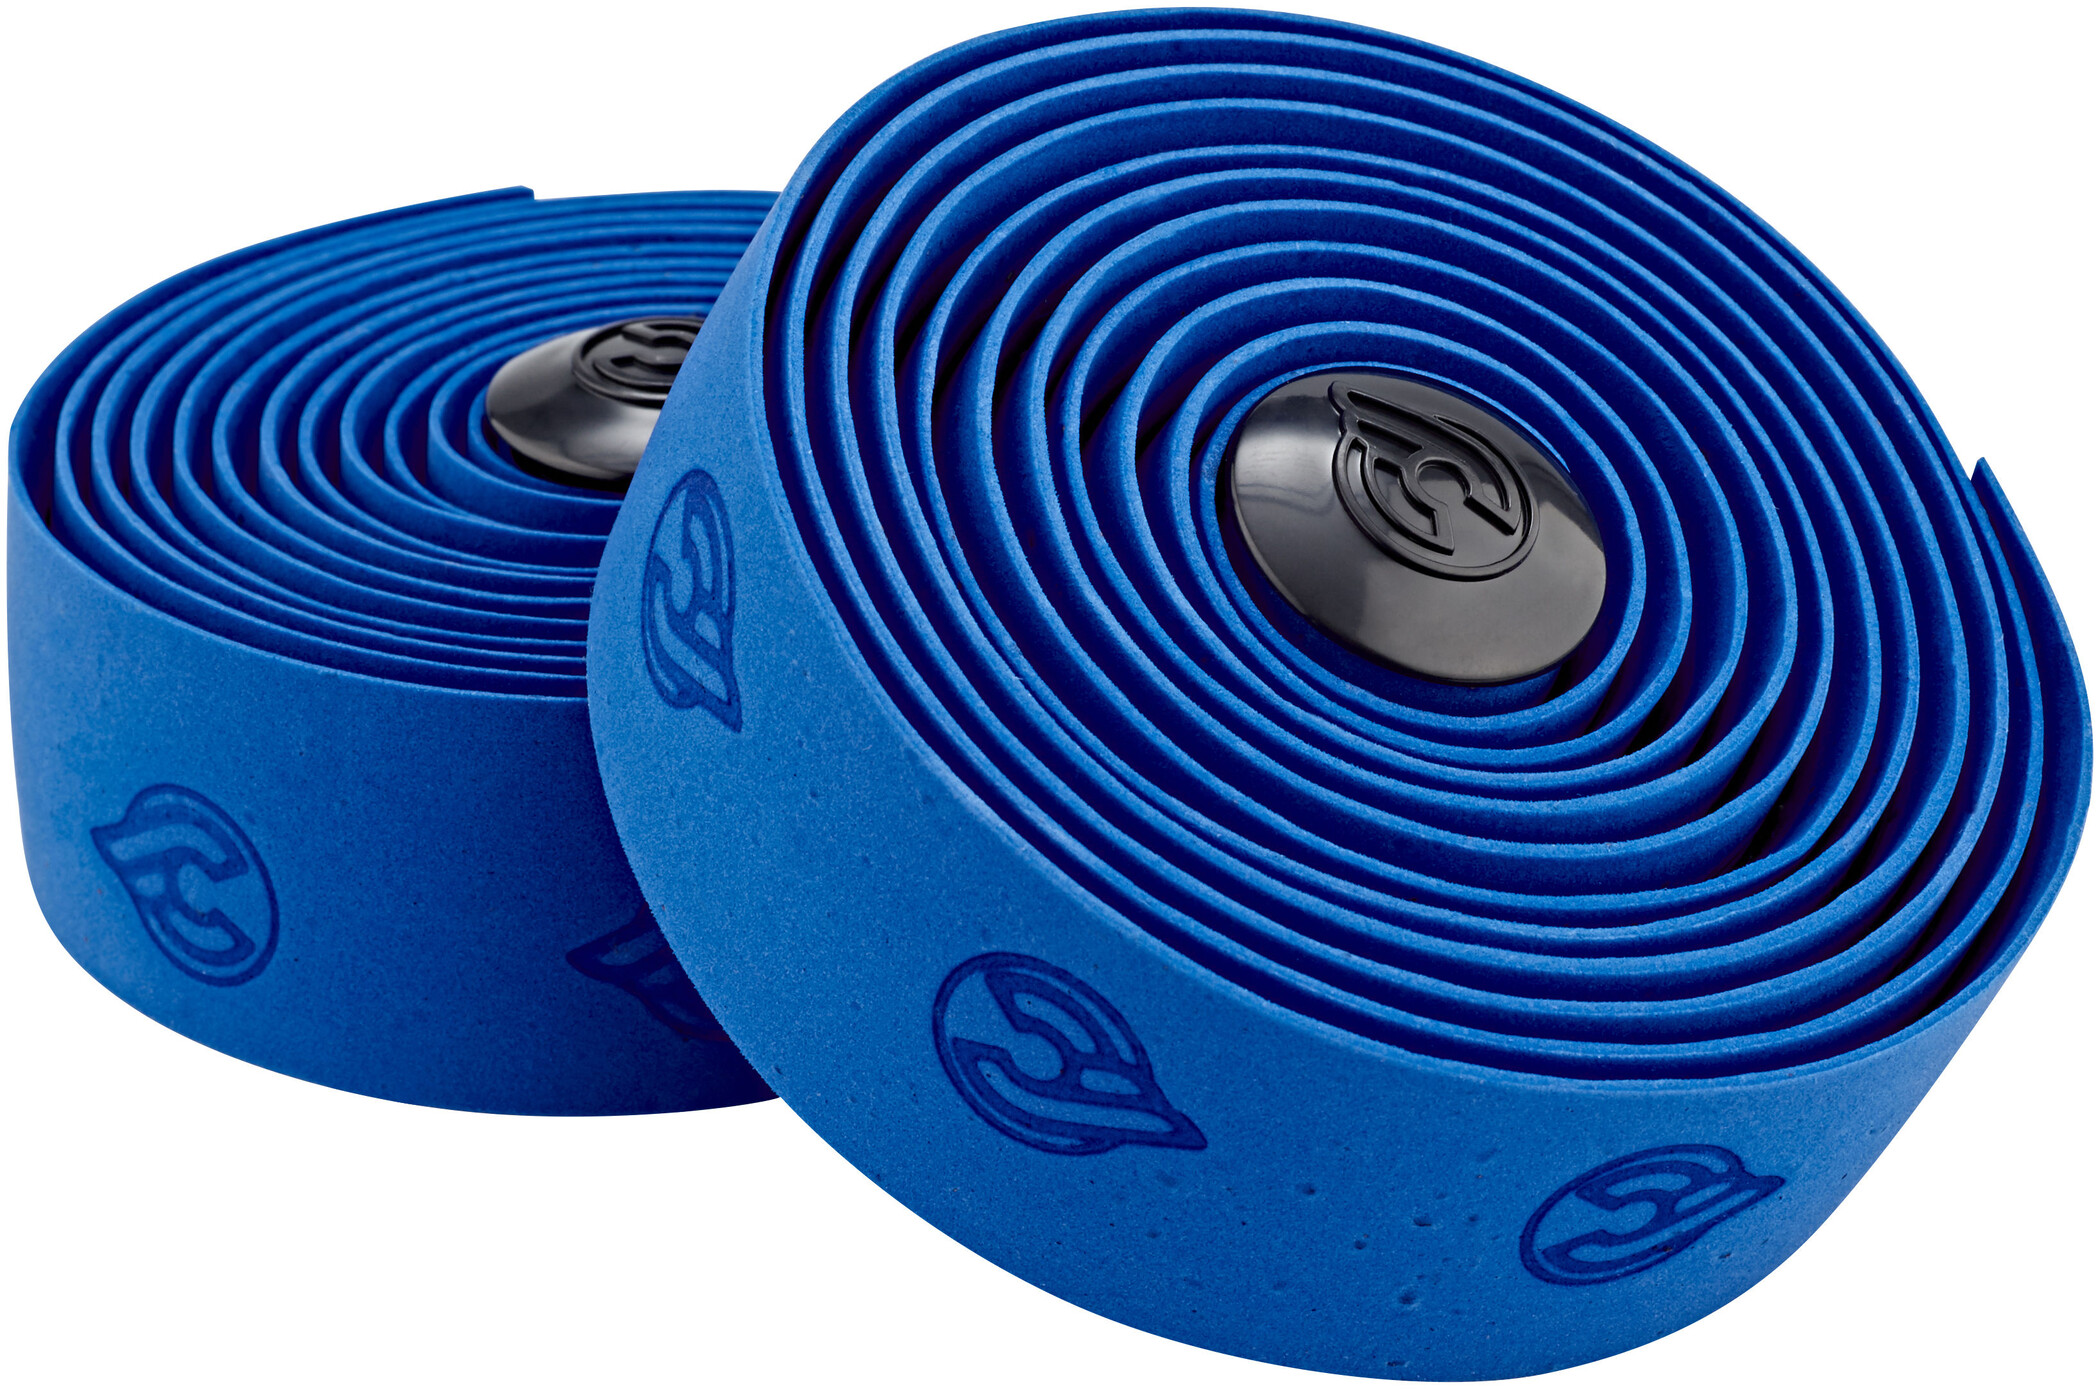 Cinelli Gel Styrbånd, blue | Styrbånd